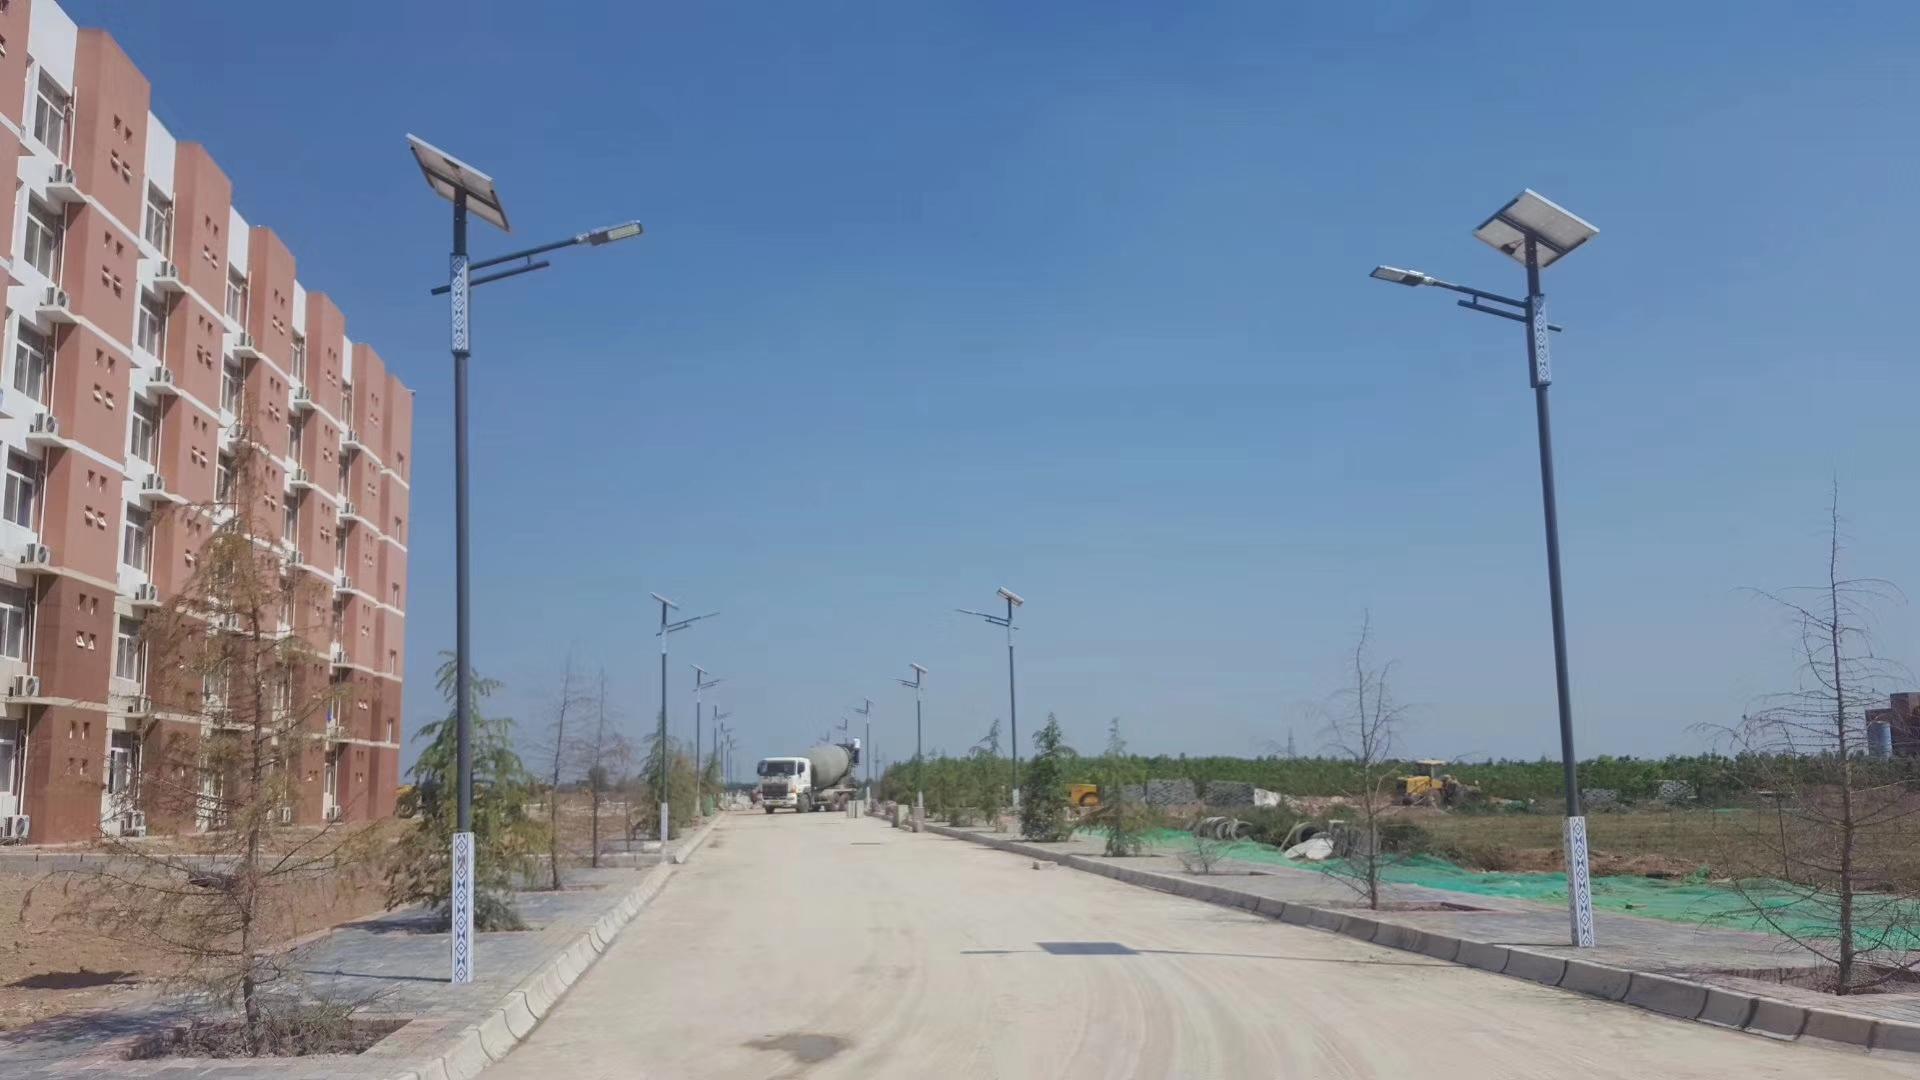 关于陕西太阳能路灯的寿命有哪些问题?大家了解吗?